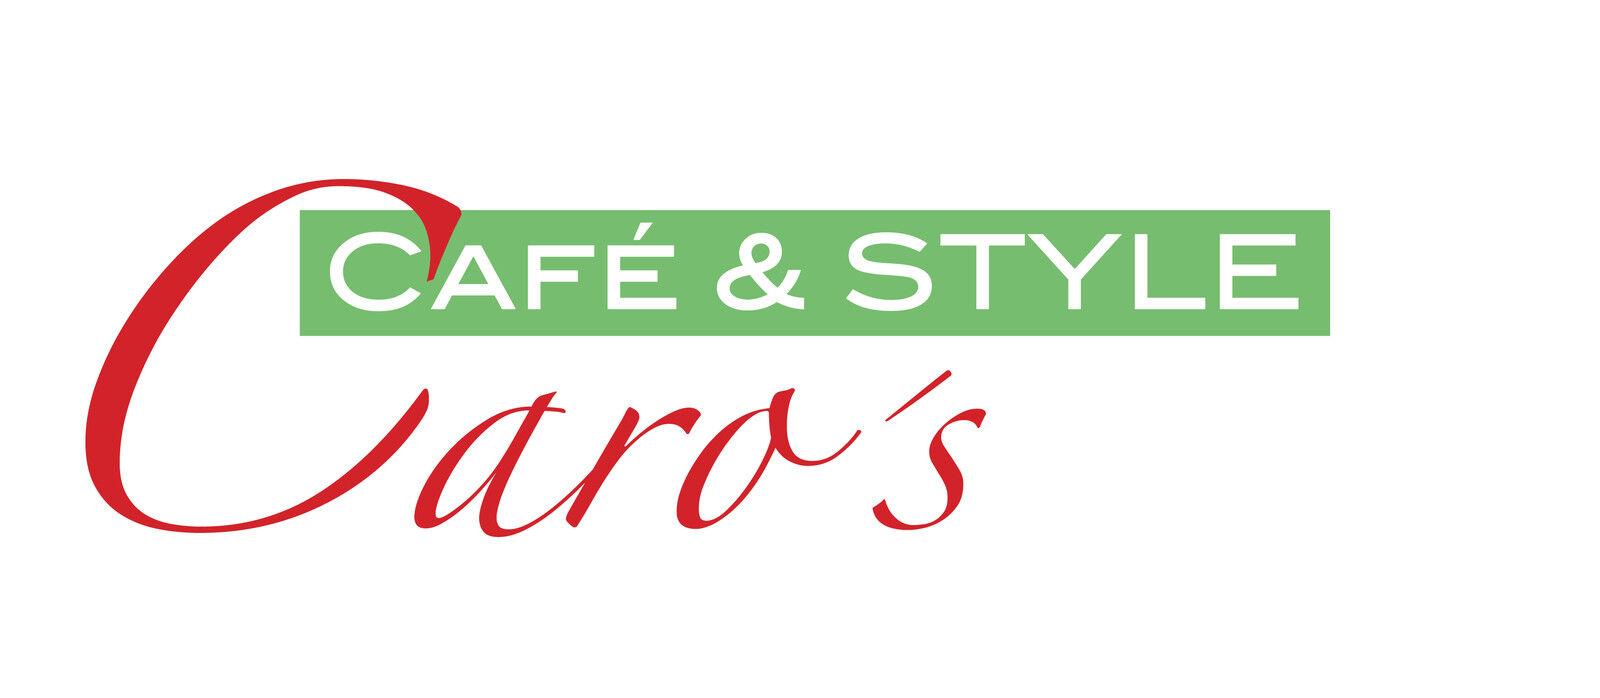 Caro's CAFÉ & STYLE